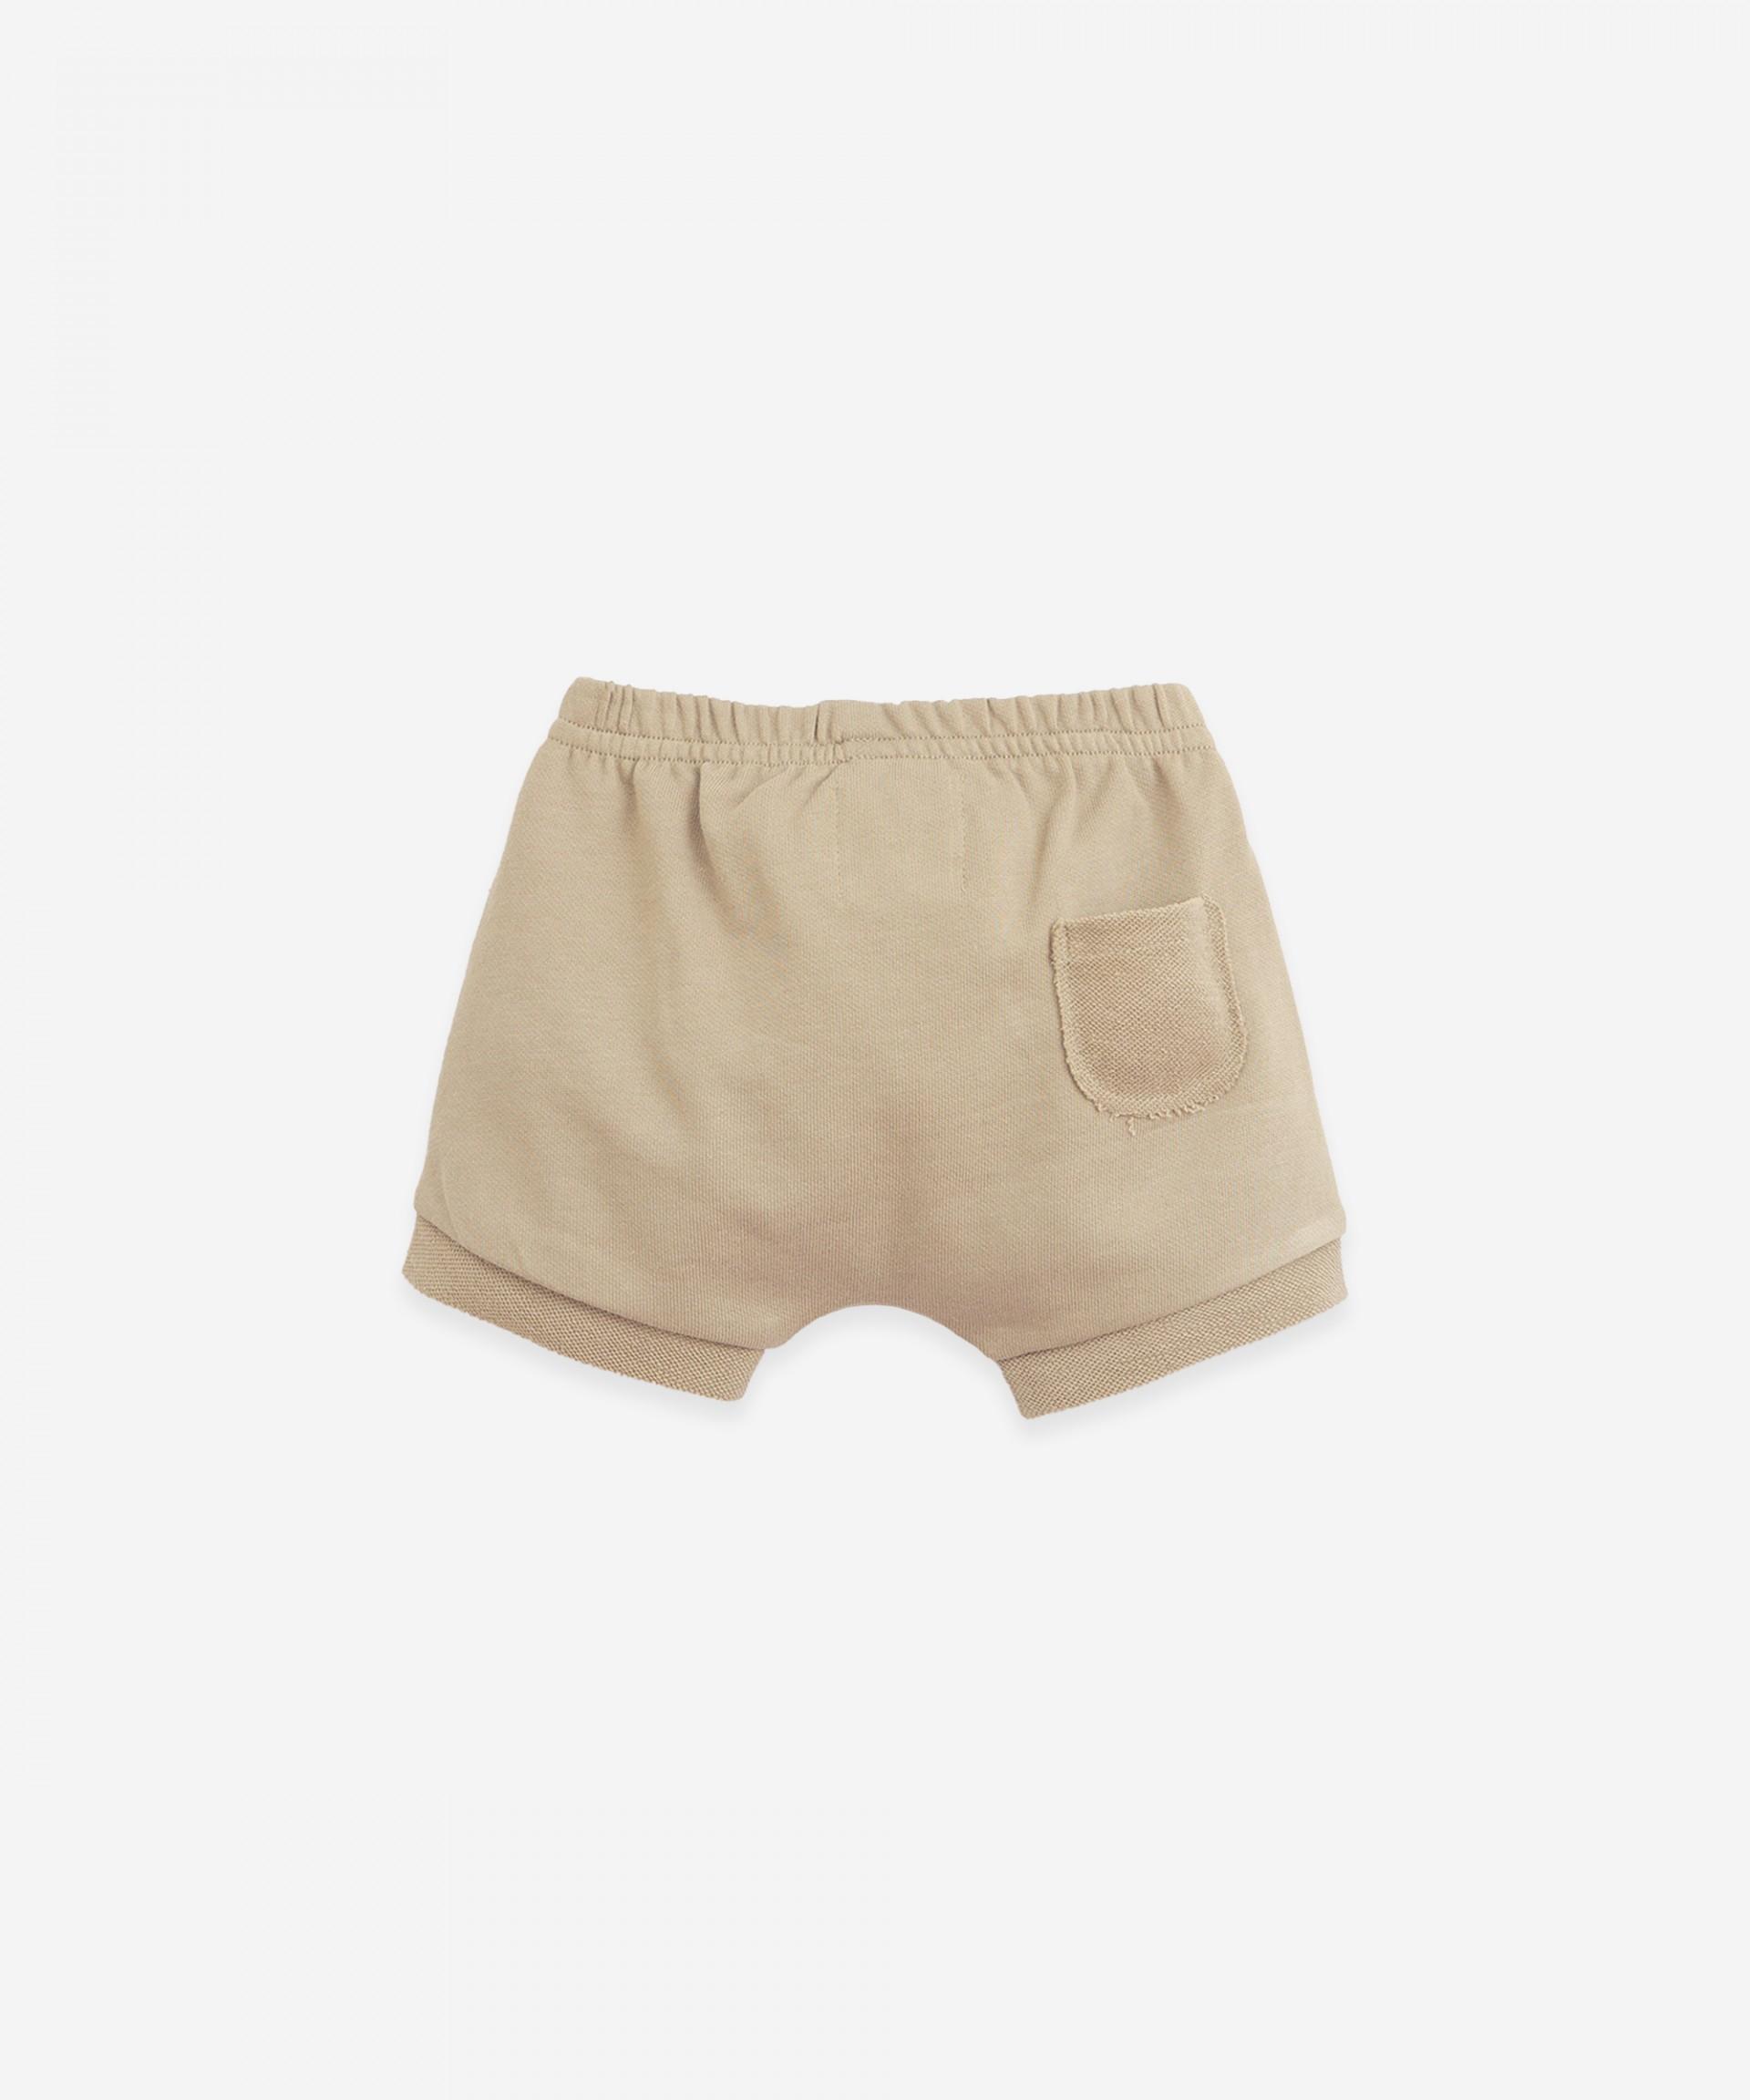 Shorts with rear pocket | Botany